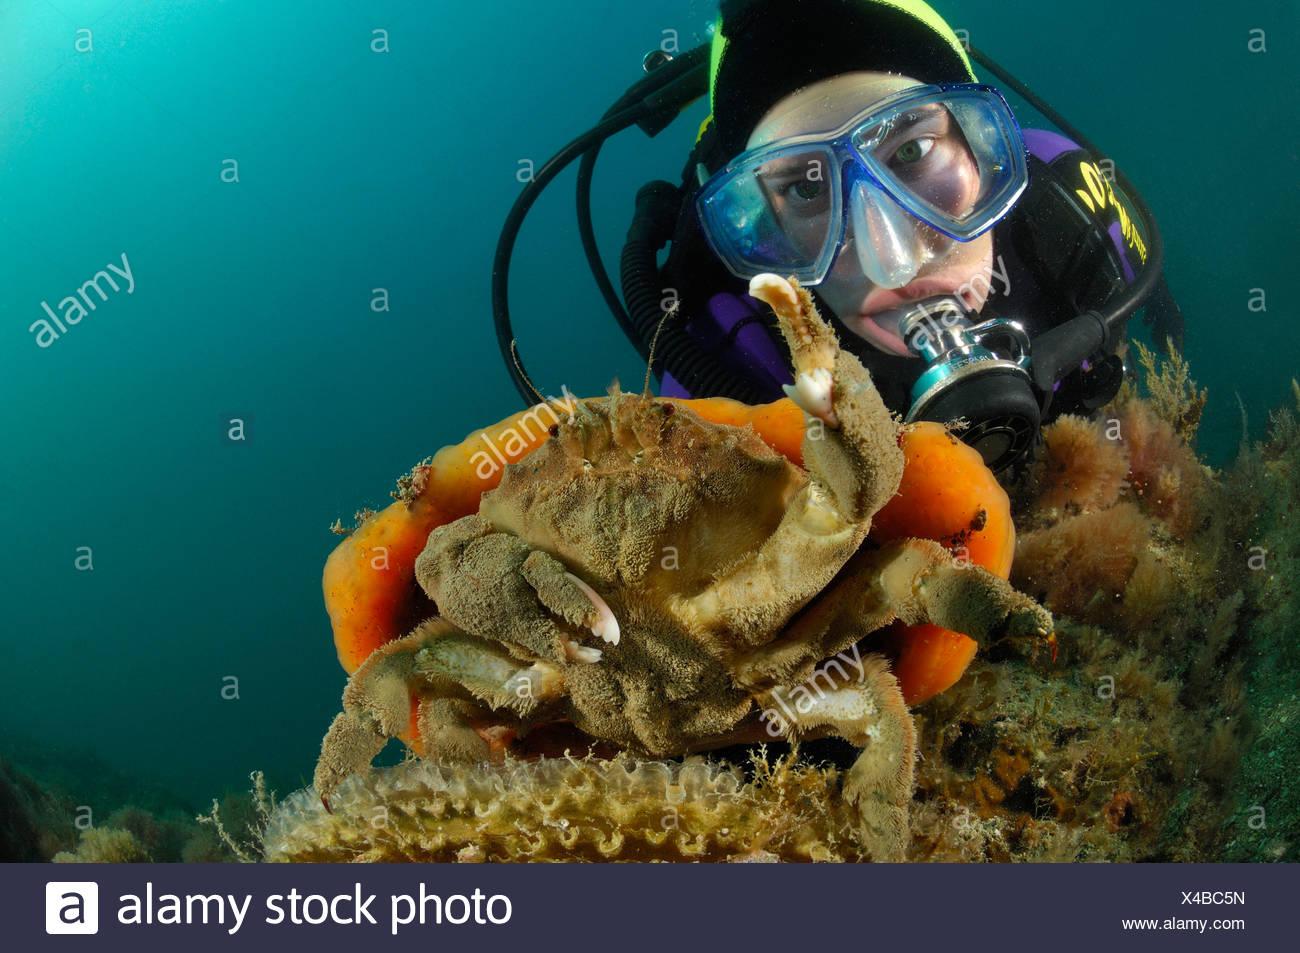 Il Granchio di spugna trasportare spugna arancione, Dromia personata, pirano, Mare Adriatico, Slovenia Immagini Stock